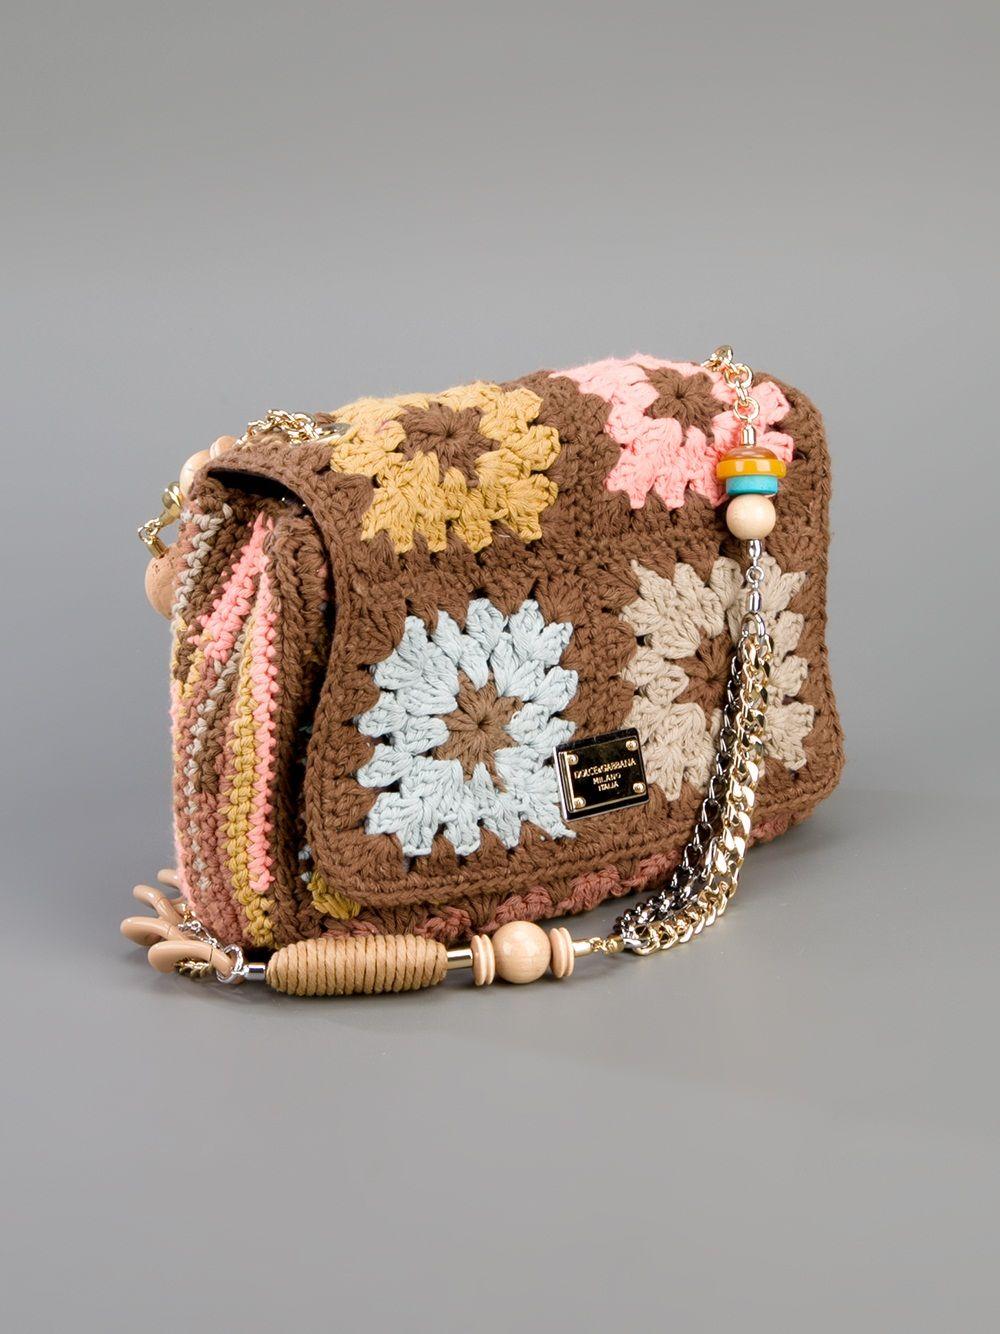 artimanhas: Dolce & Gabbana (o valor varia de R$ 2,300 a quase R$ 4.500) :(